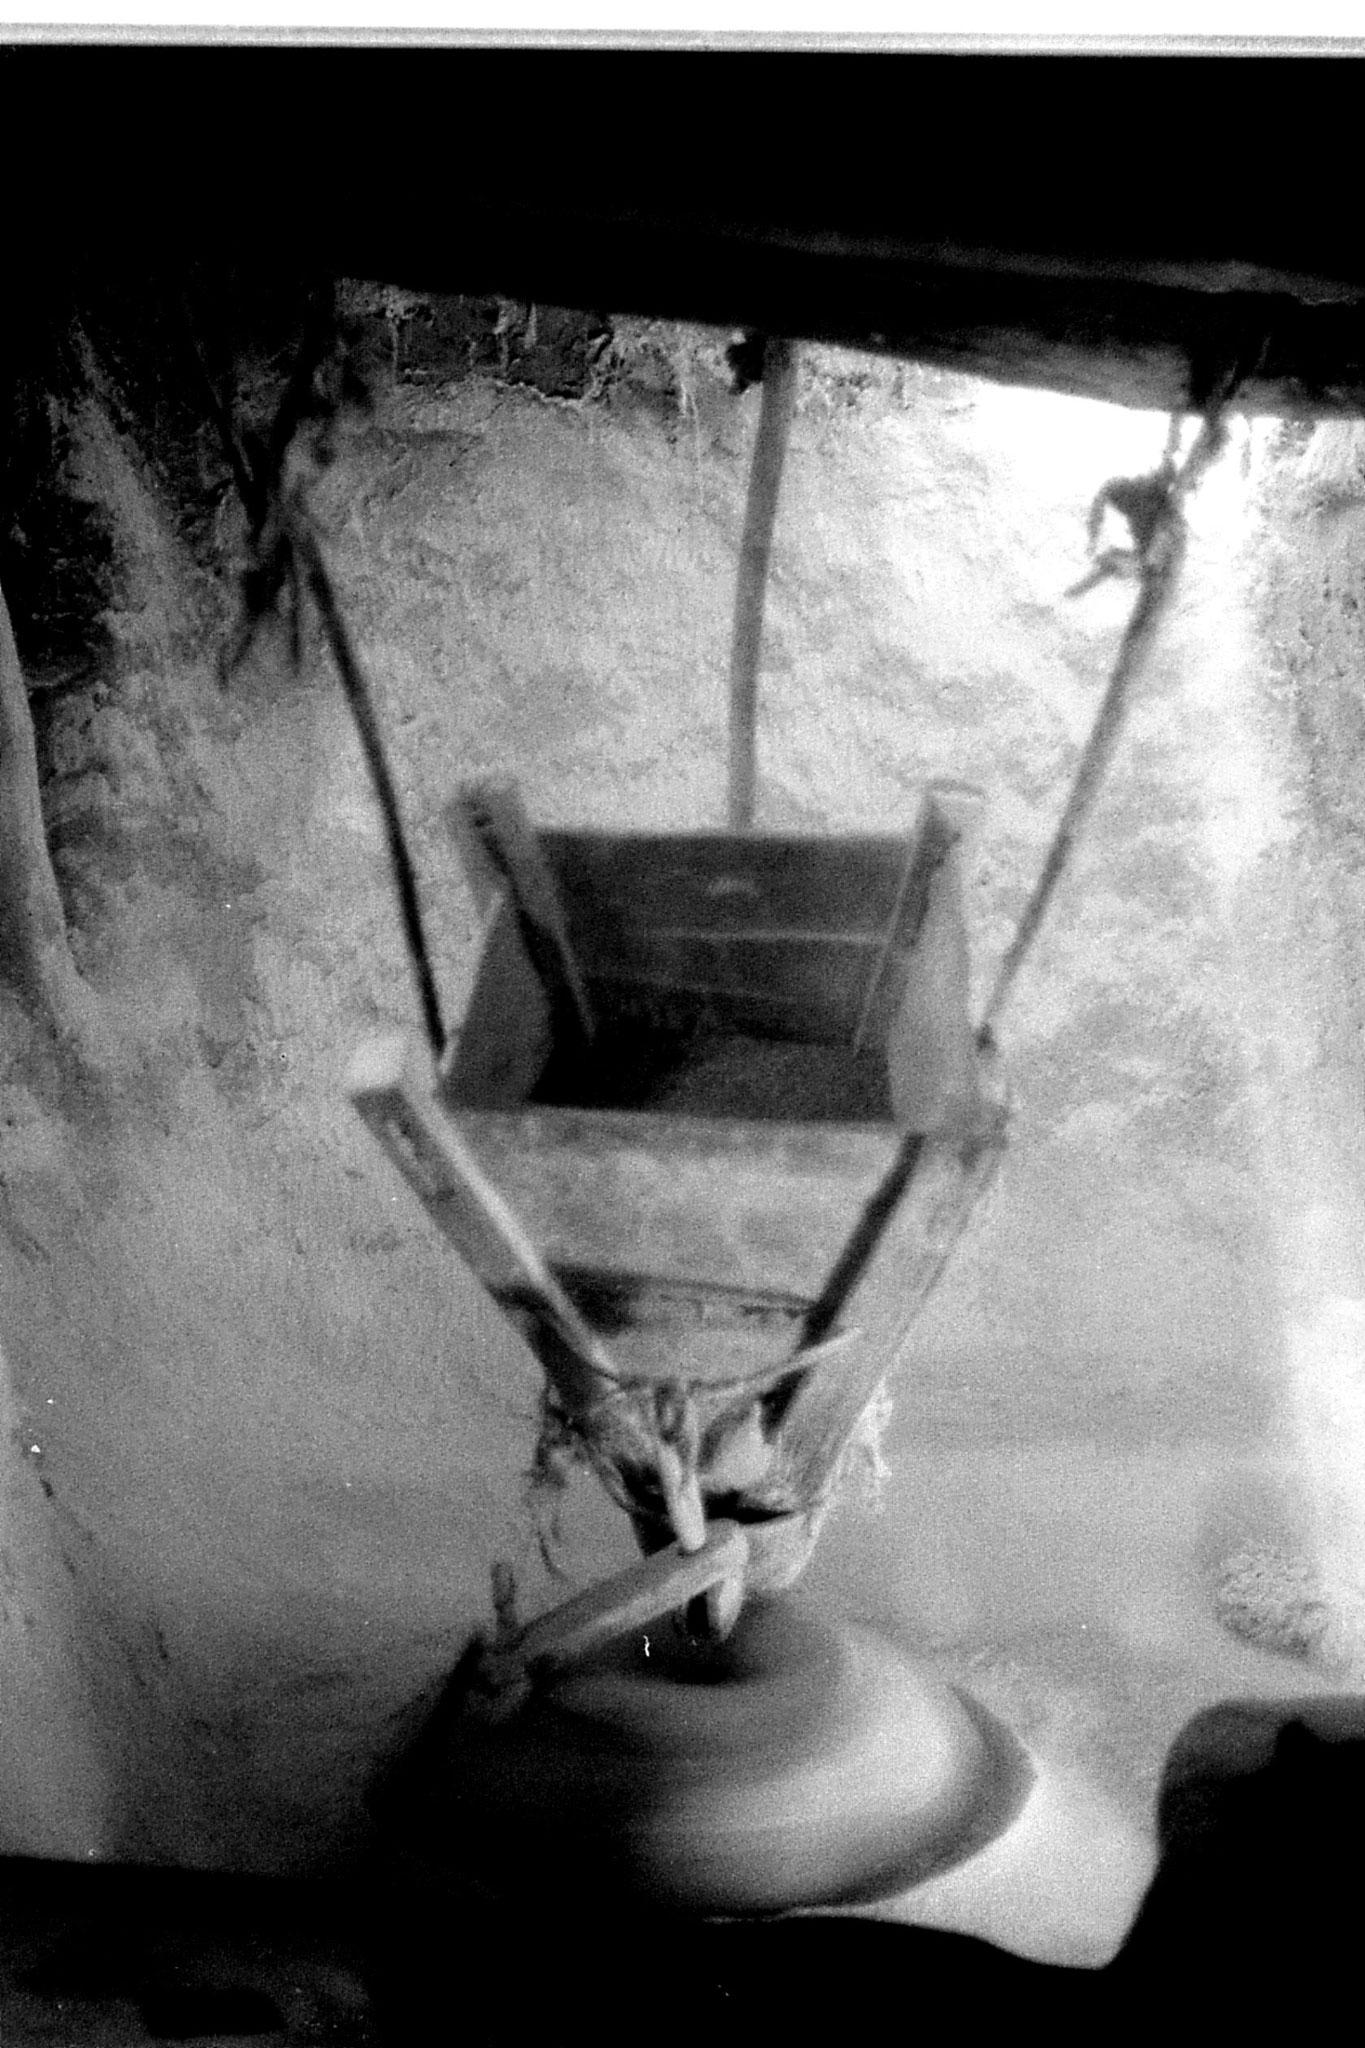 20/10/1989: 8: Shigar watermill